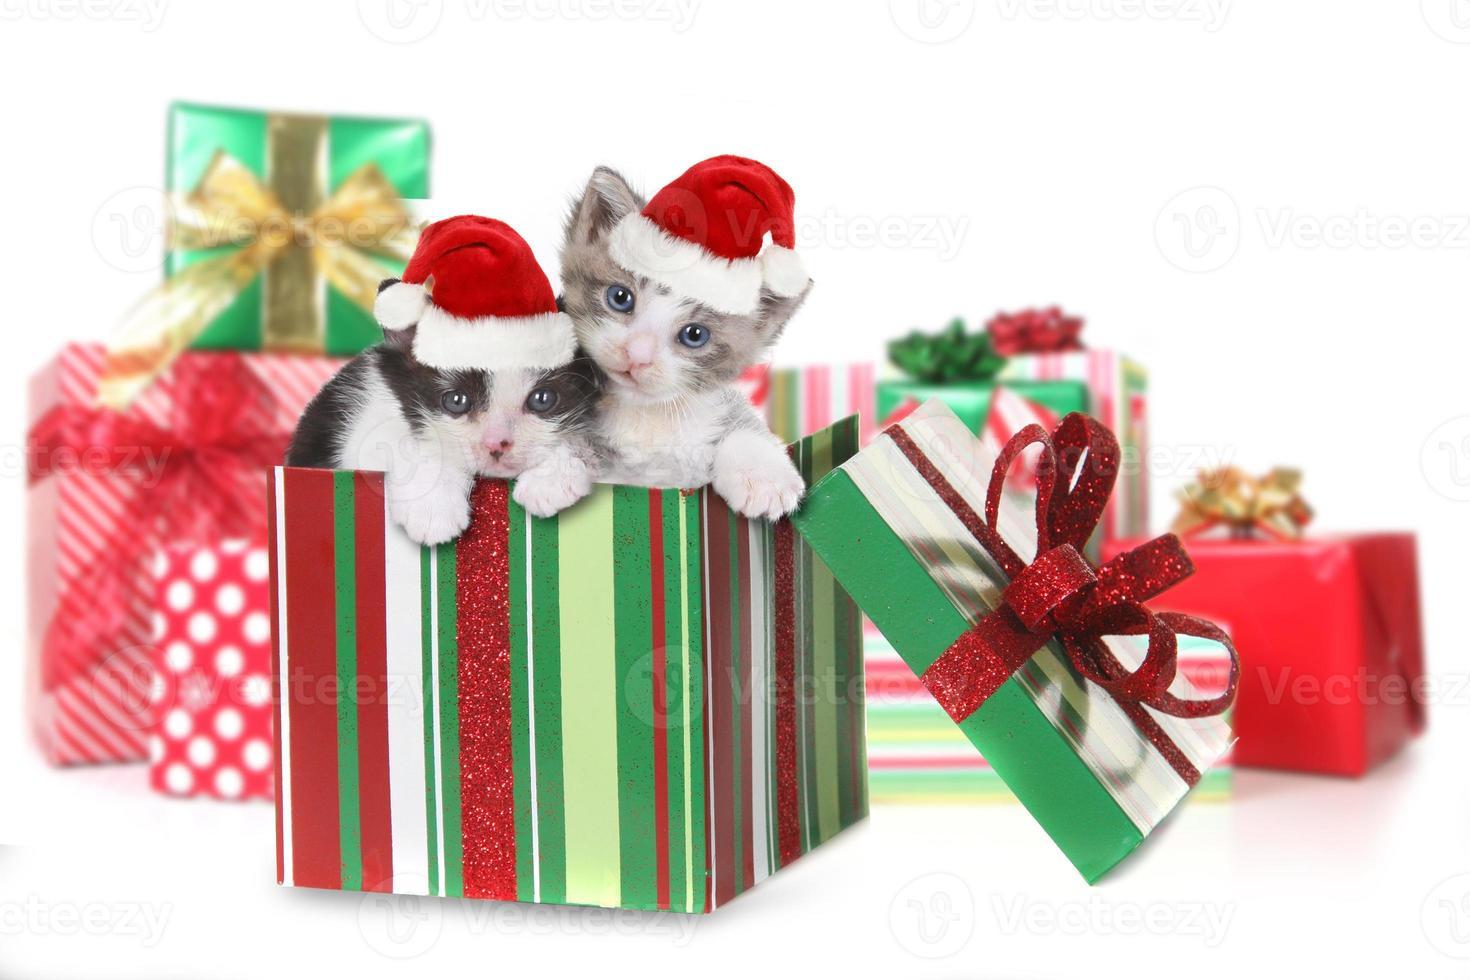 låda med kattungar i julklapp foto